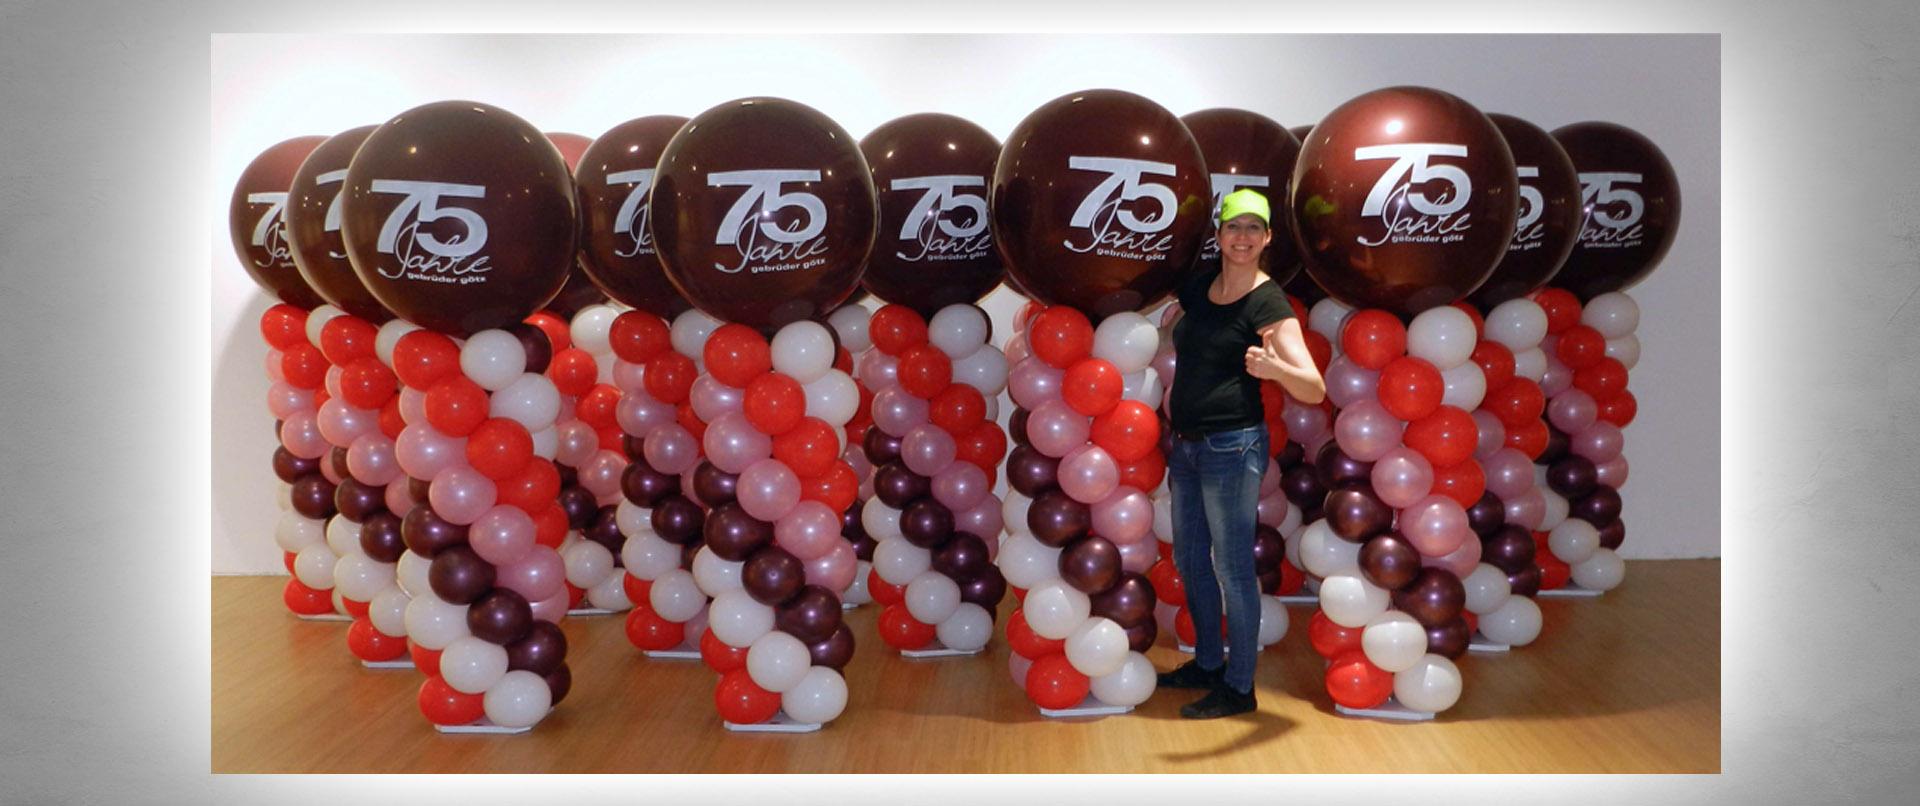 Luftballon-Dekoration Jubiläum